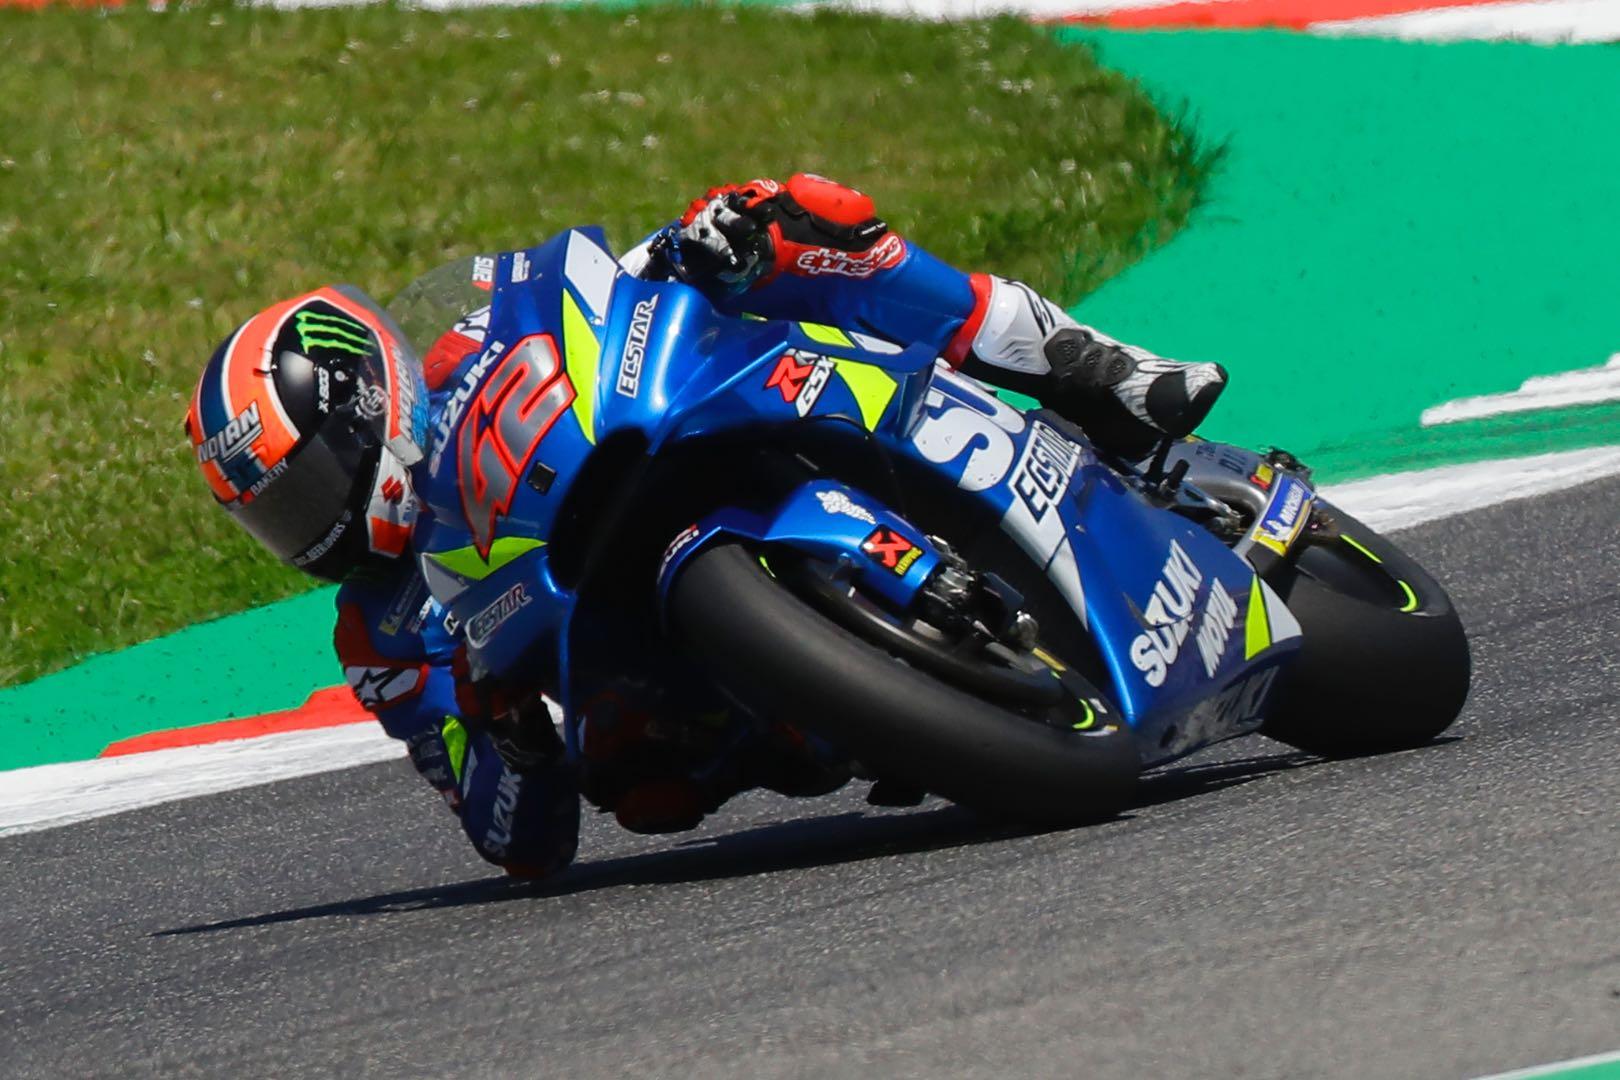 Suzuki's Alex Rins fourth at Mugello MotoGP 2019